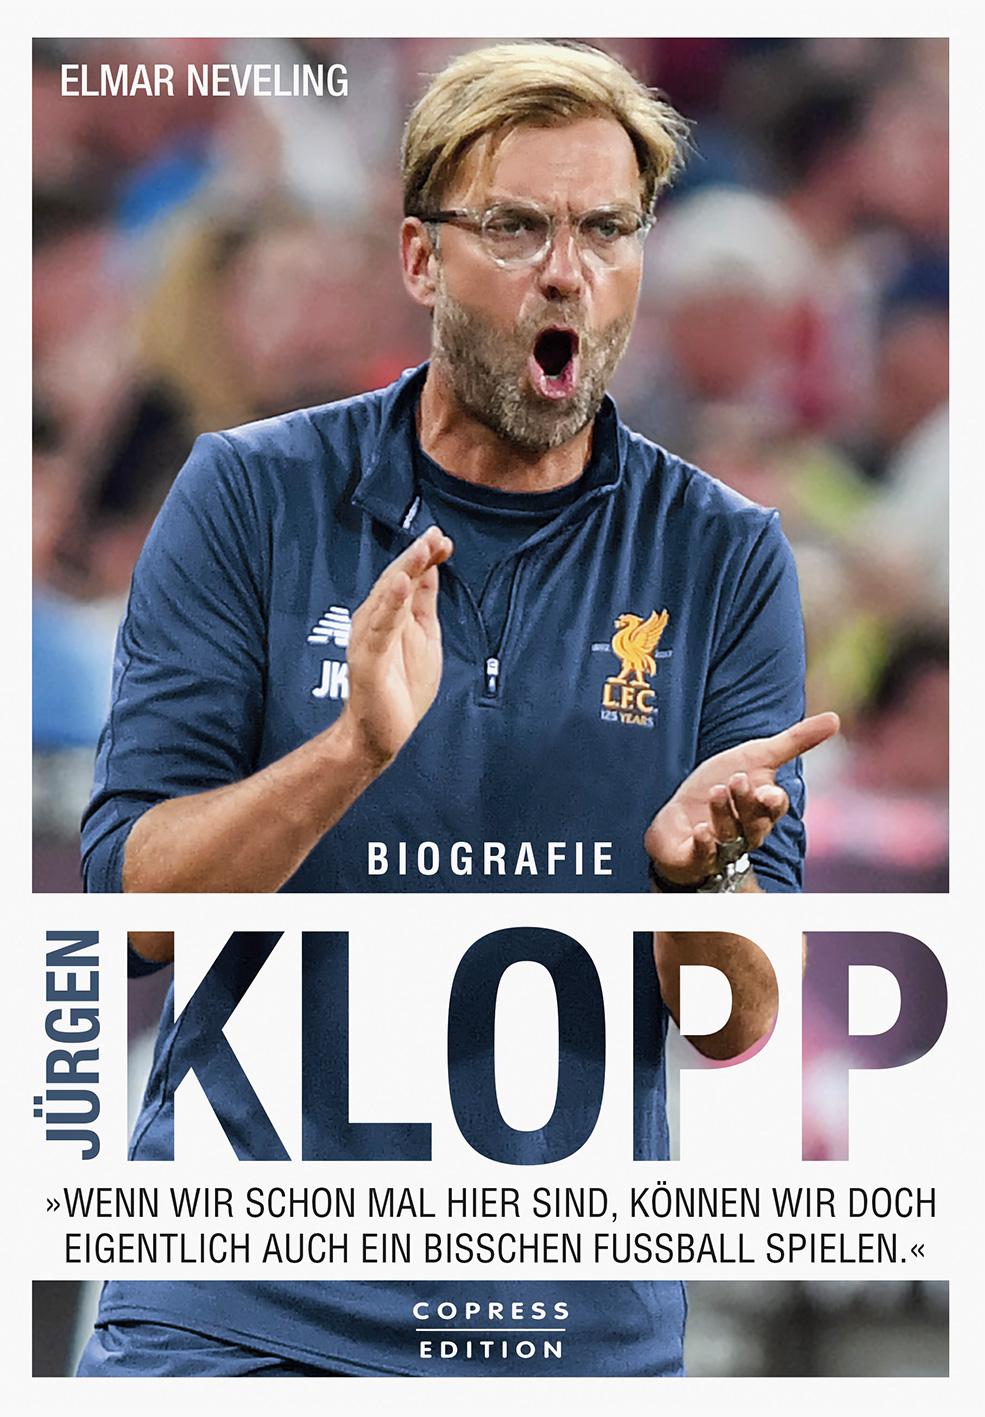 Jürgen Klopp - Biographie von Elmar Neveling